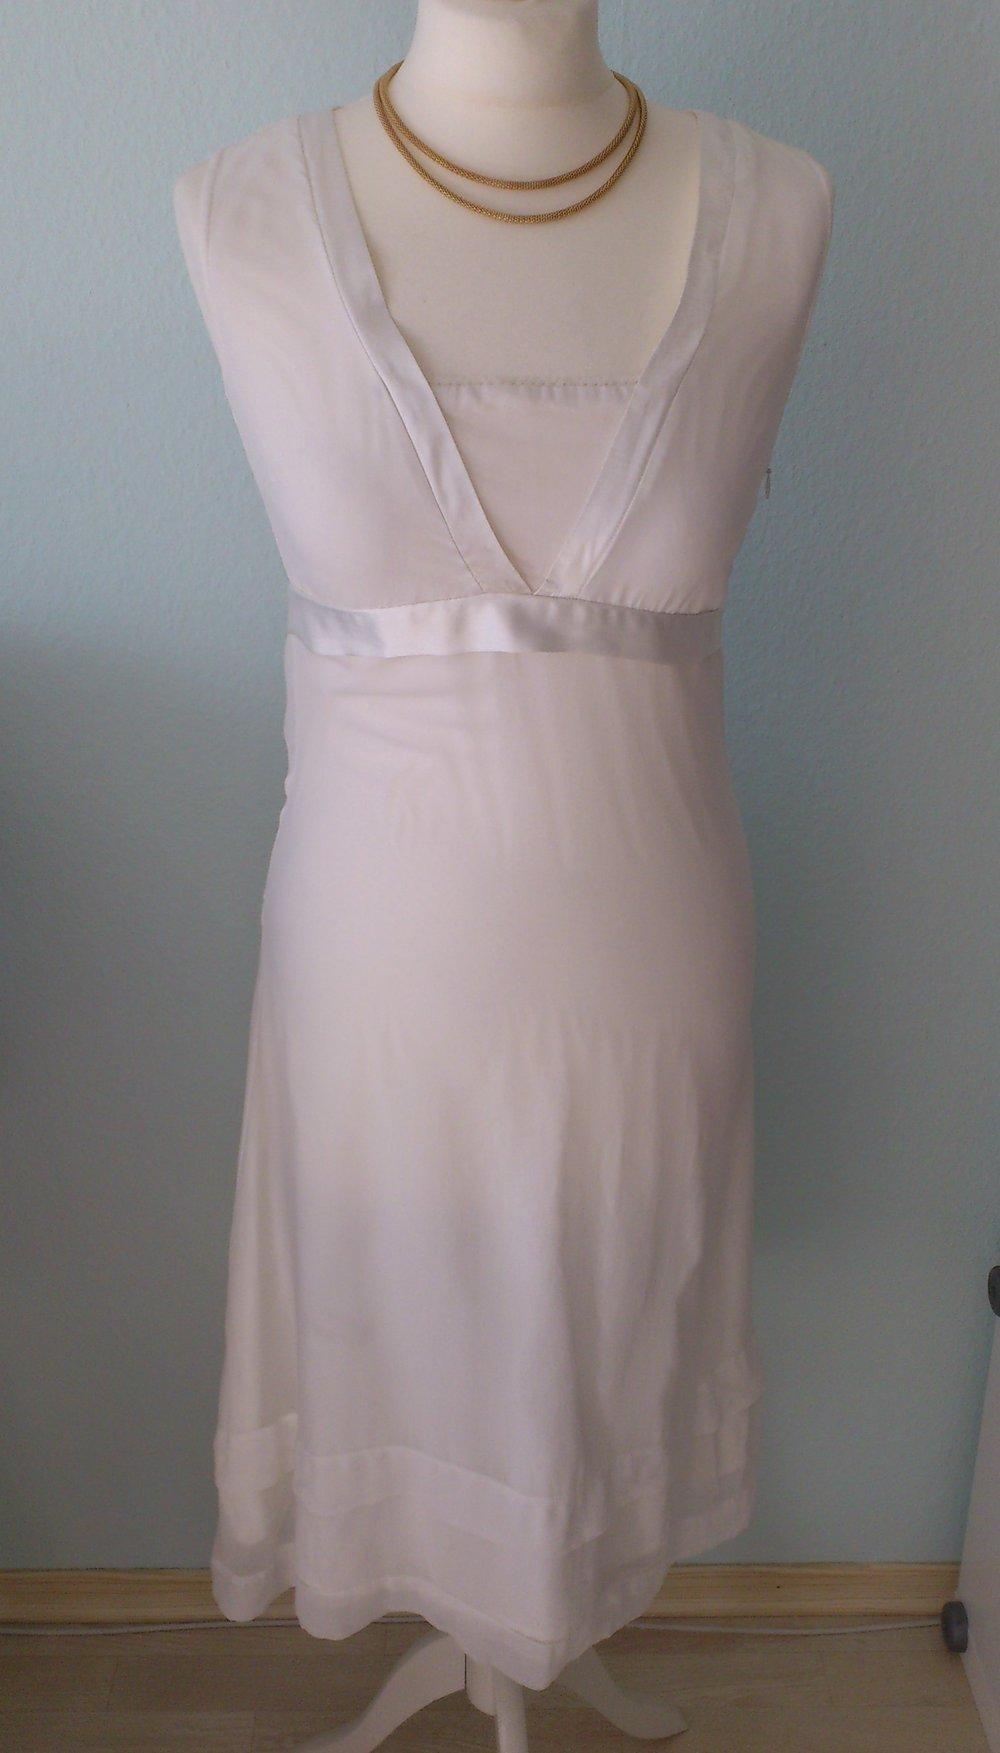 !! Festliches weißes Kleid 13 S Schleife Spitze Konfirmation